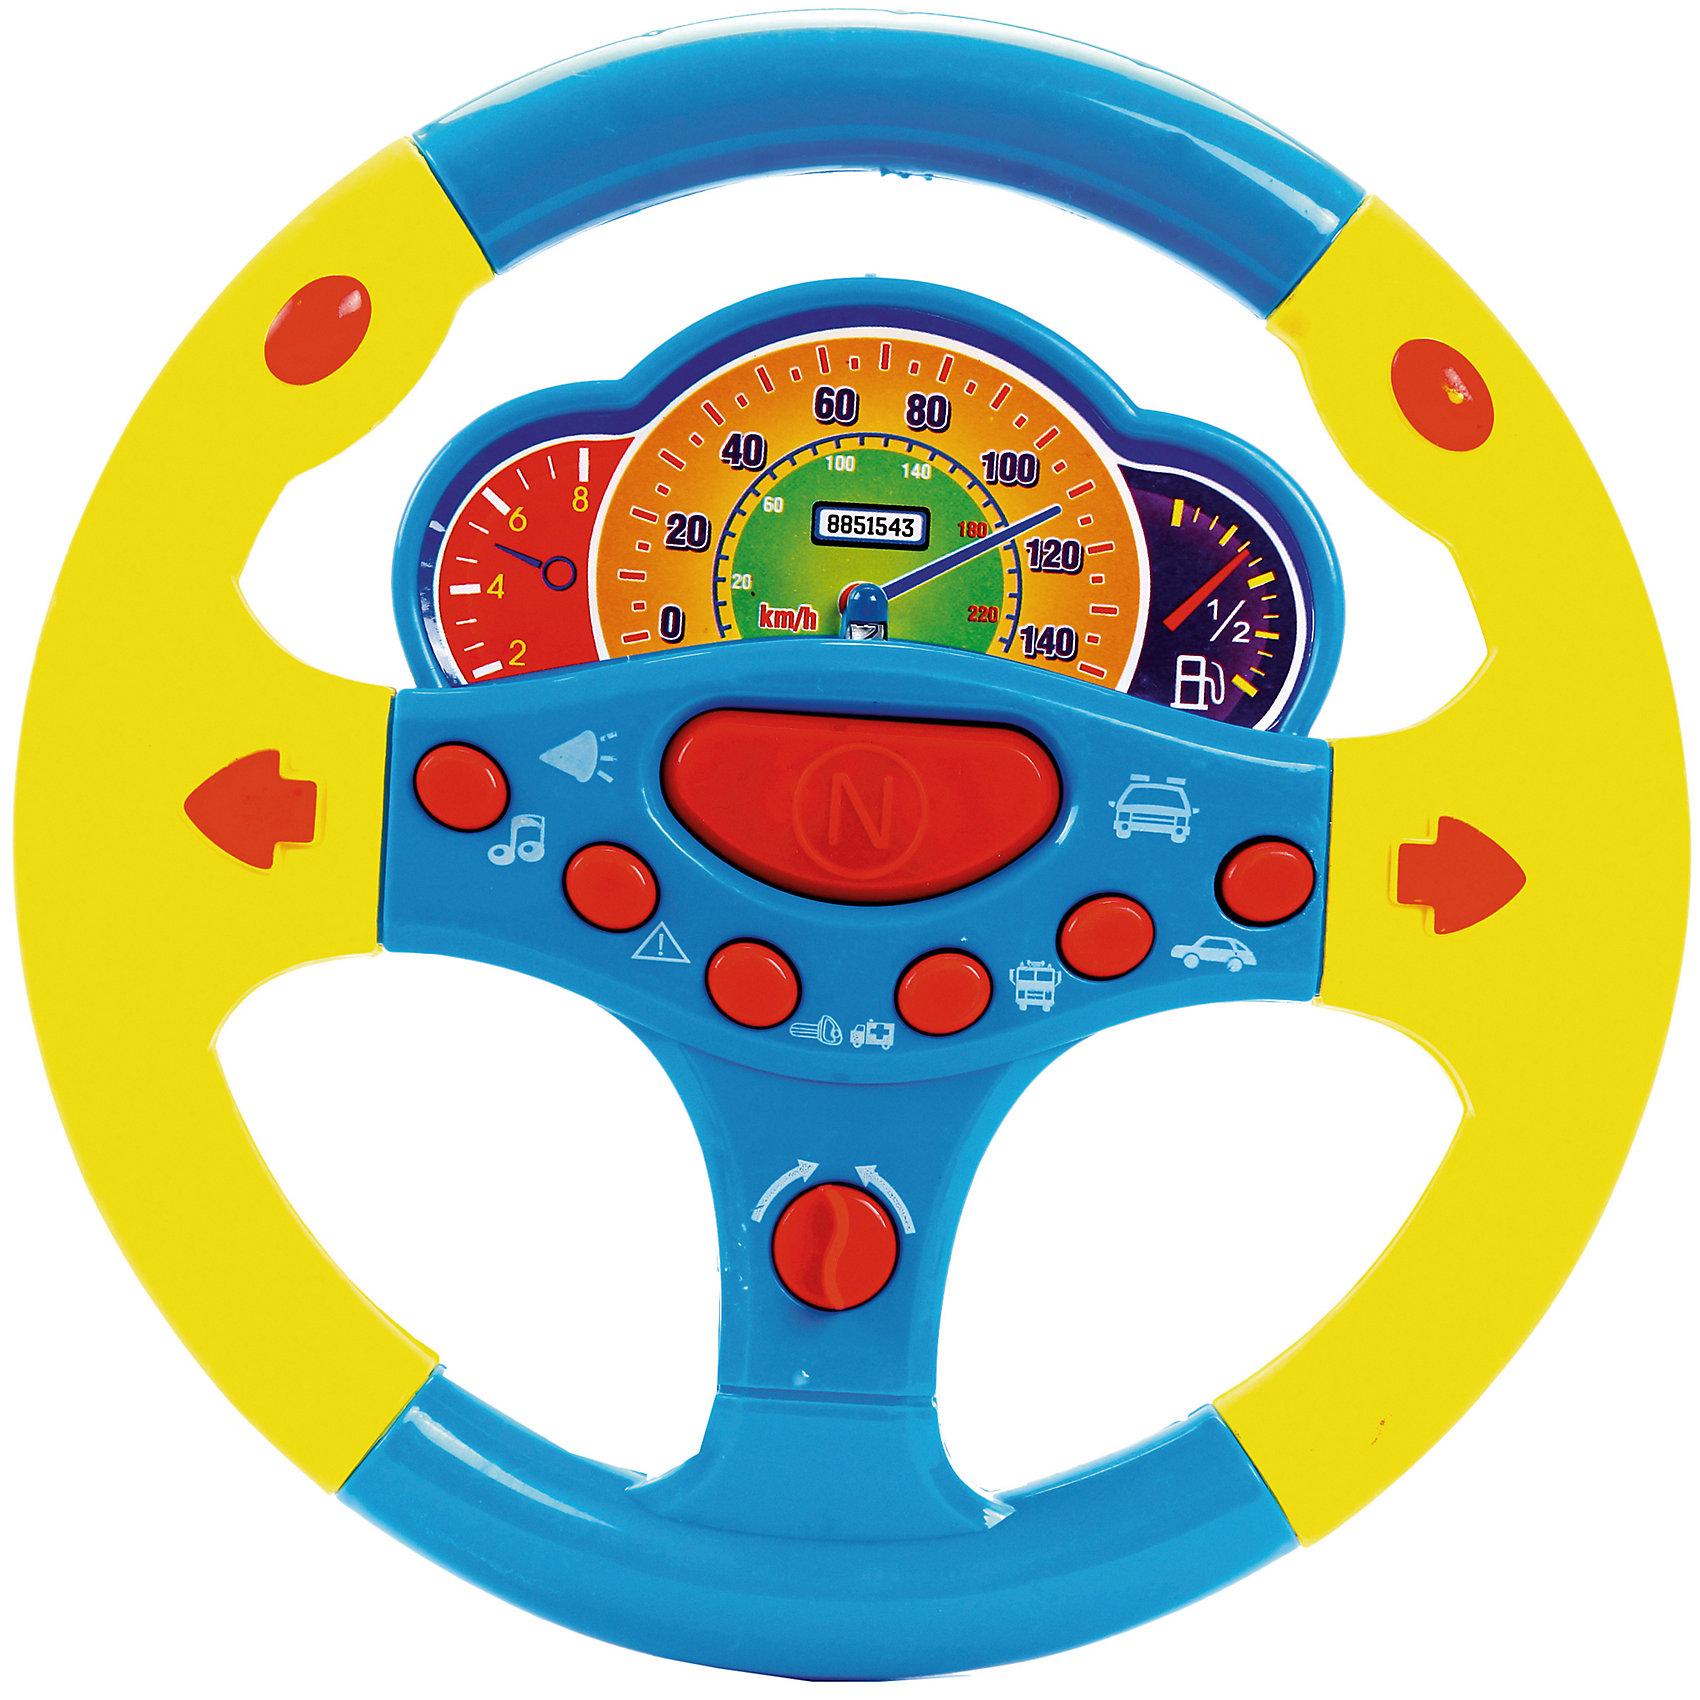 Руль музыкальный Веселые гонки, со светом и звуком, Shantou GepaiИнтерактивные игрушки для малышей<br>Руль музыкальный Веселые гонки, со светом и звуком, Shantou Gepai – это веселый многофункциональный руль с которым так весело играть и развиваться! Руль оснащен приборной панелью с датчиками топлива, спидометром и тахометром. У Руля в арсенале имеются забавные фразы с рекомендациями повернуть направо, налево, включить радио или не отвлекаться в дороге. Стильный дизайн руля как у гоночной машины придет по вкусу маленькому водителю, а функции игрового руля помогут развить моторику рук, память, внимание и воображение.<br>Дополнительная информация:<br><br>- В комплект входит: 1 руль<br>- Материал: АБС пластик<br>- Необходимы три батарейки типа АА (не входят в комплект)<br>- Размер: 21,5 * 20 * 3 см.<br><br>Руль музыкальный Веселые гонки, со светом и звуком, Shantou Gepai можно купить в нашем интернет-магазине.<br><br>Подробнее:<br>• Для детей в возрасте: от 3 до 6 лет<br>• Номер товара: 4925597<br>Страна производитель: Китай<br><br>Ширина мм: 210<br>Глубина мм: 20<br>Высота мм: 260<br>Вес г: 93<br>Возраст от месяцев: 36<br>Возраст до месяцев: 72<br>Пол: Унисекс<br>Возраст: Детский<br>SKU: 4925597